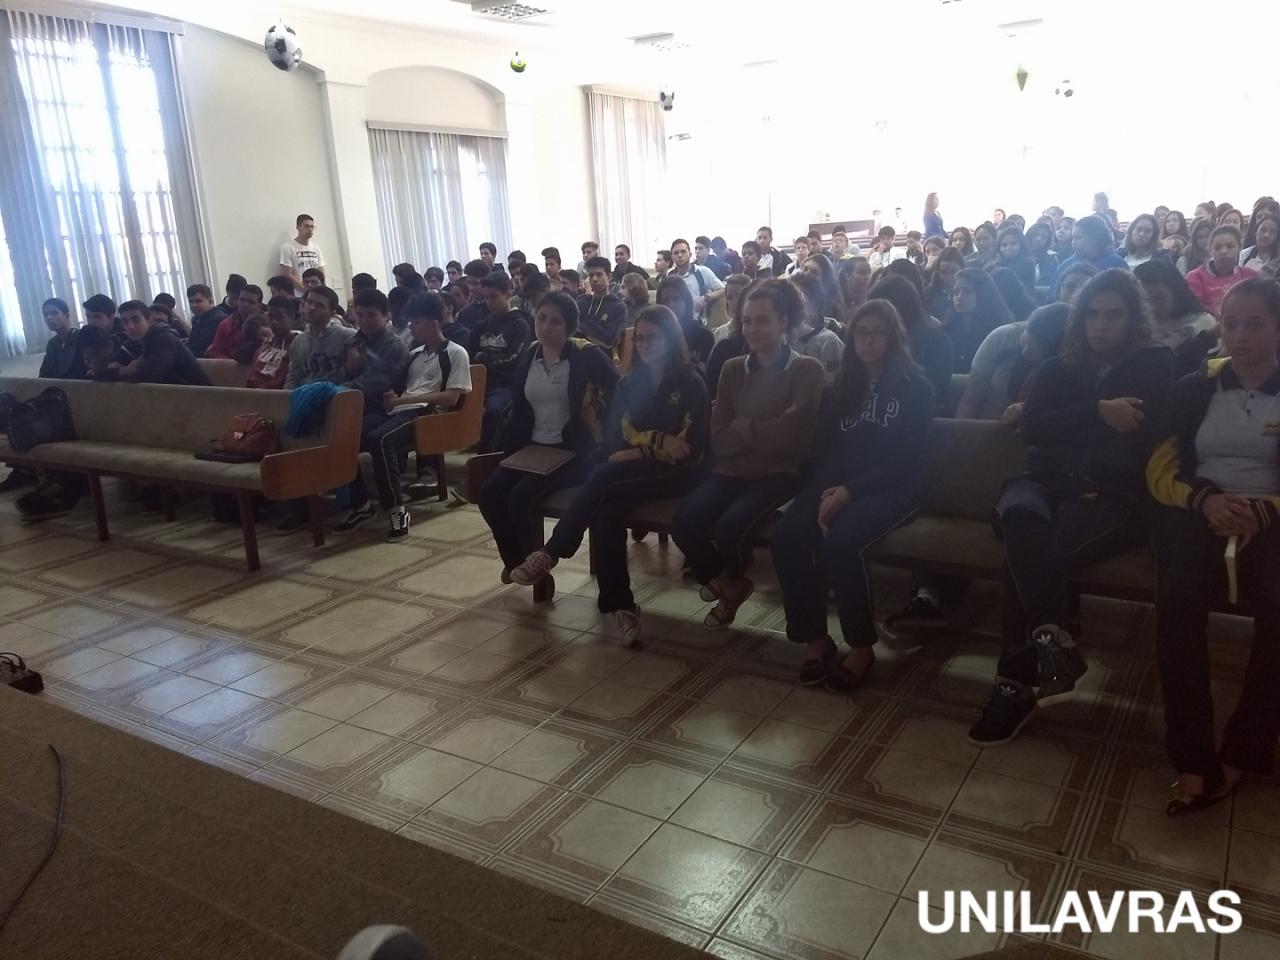 UNILAVRAS_-3